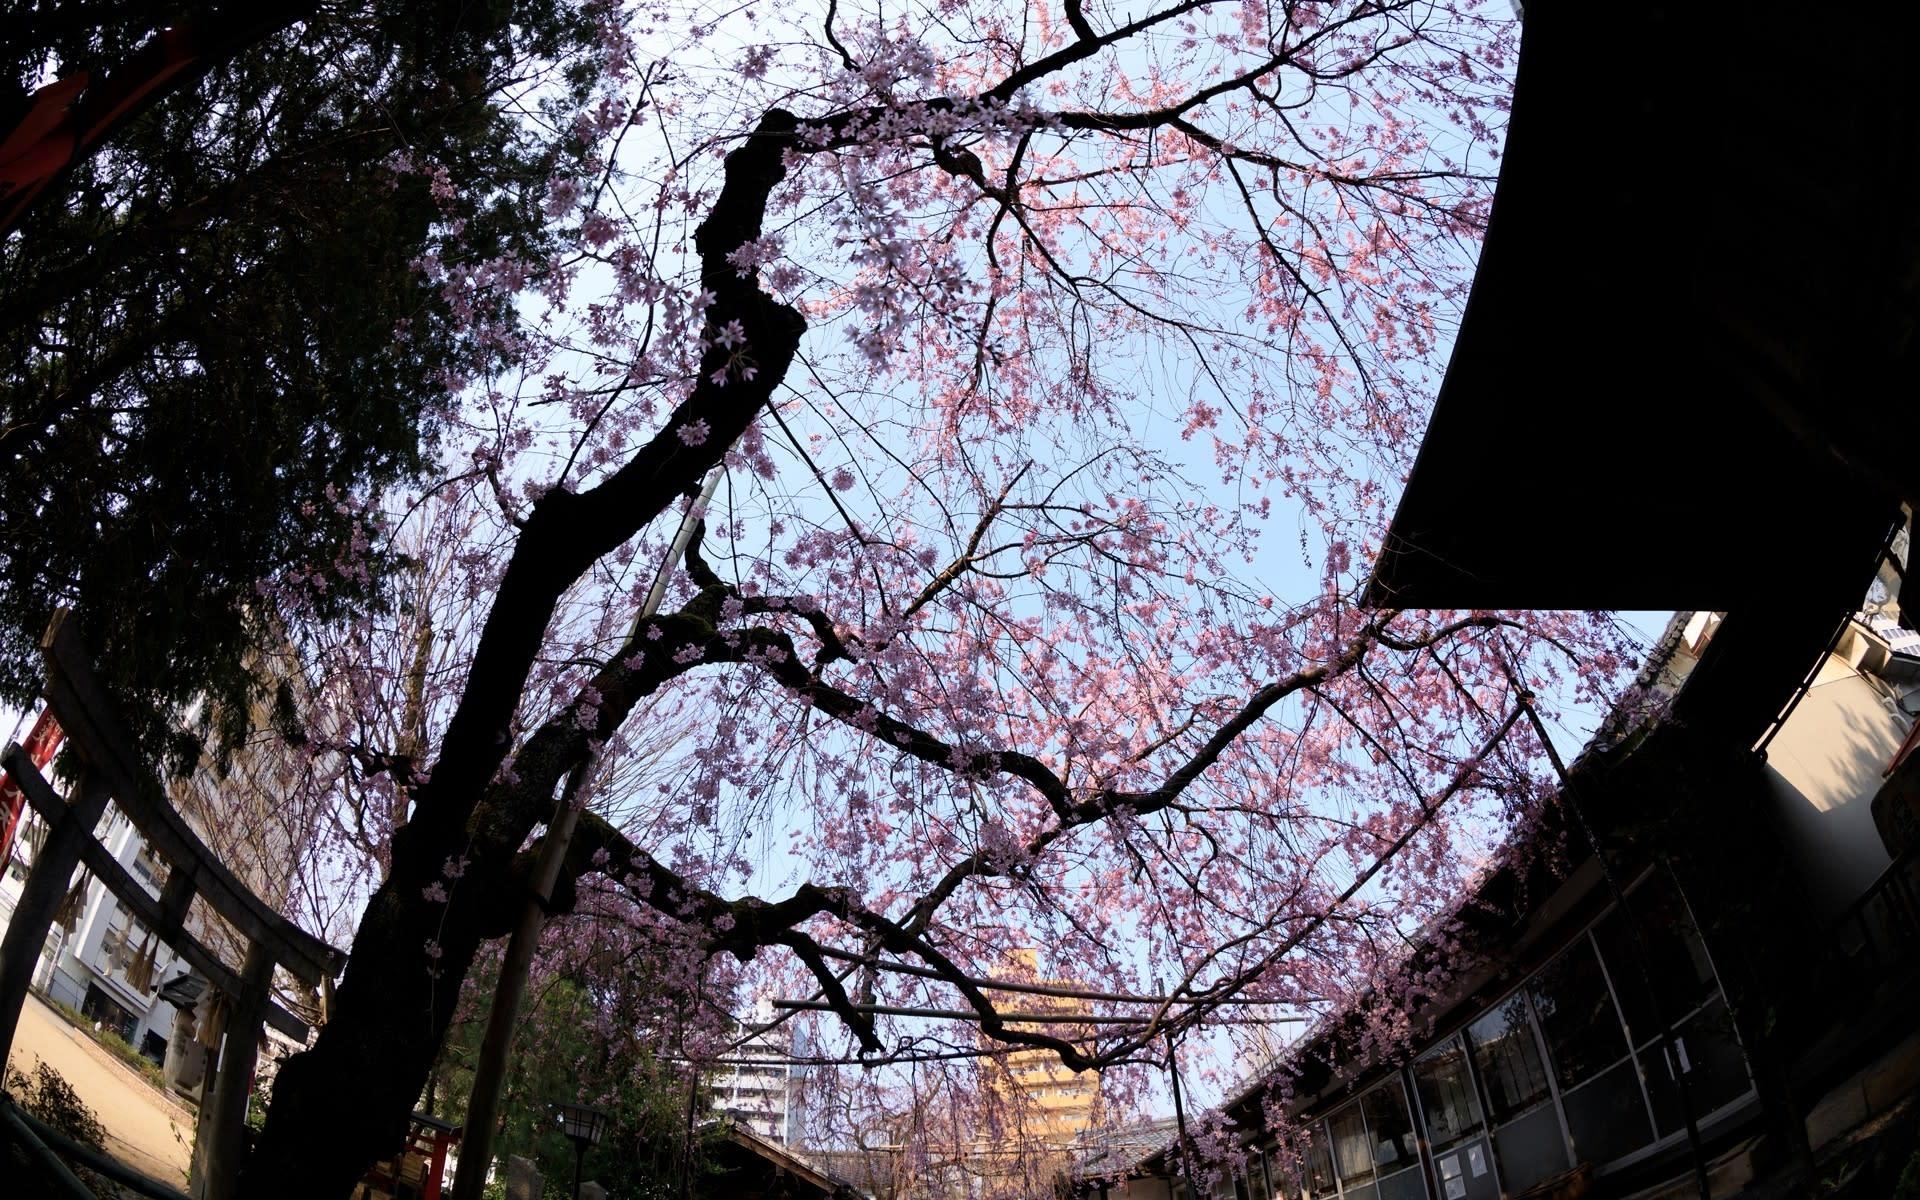 2018年桜の京都 水火天満宮の壁紙 計19枚 壁紙 日々駄文